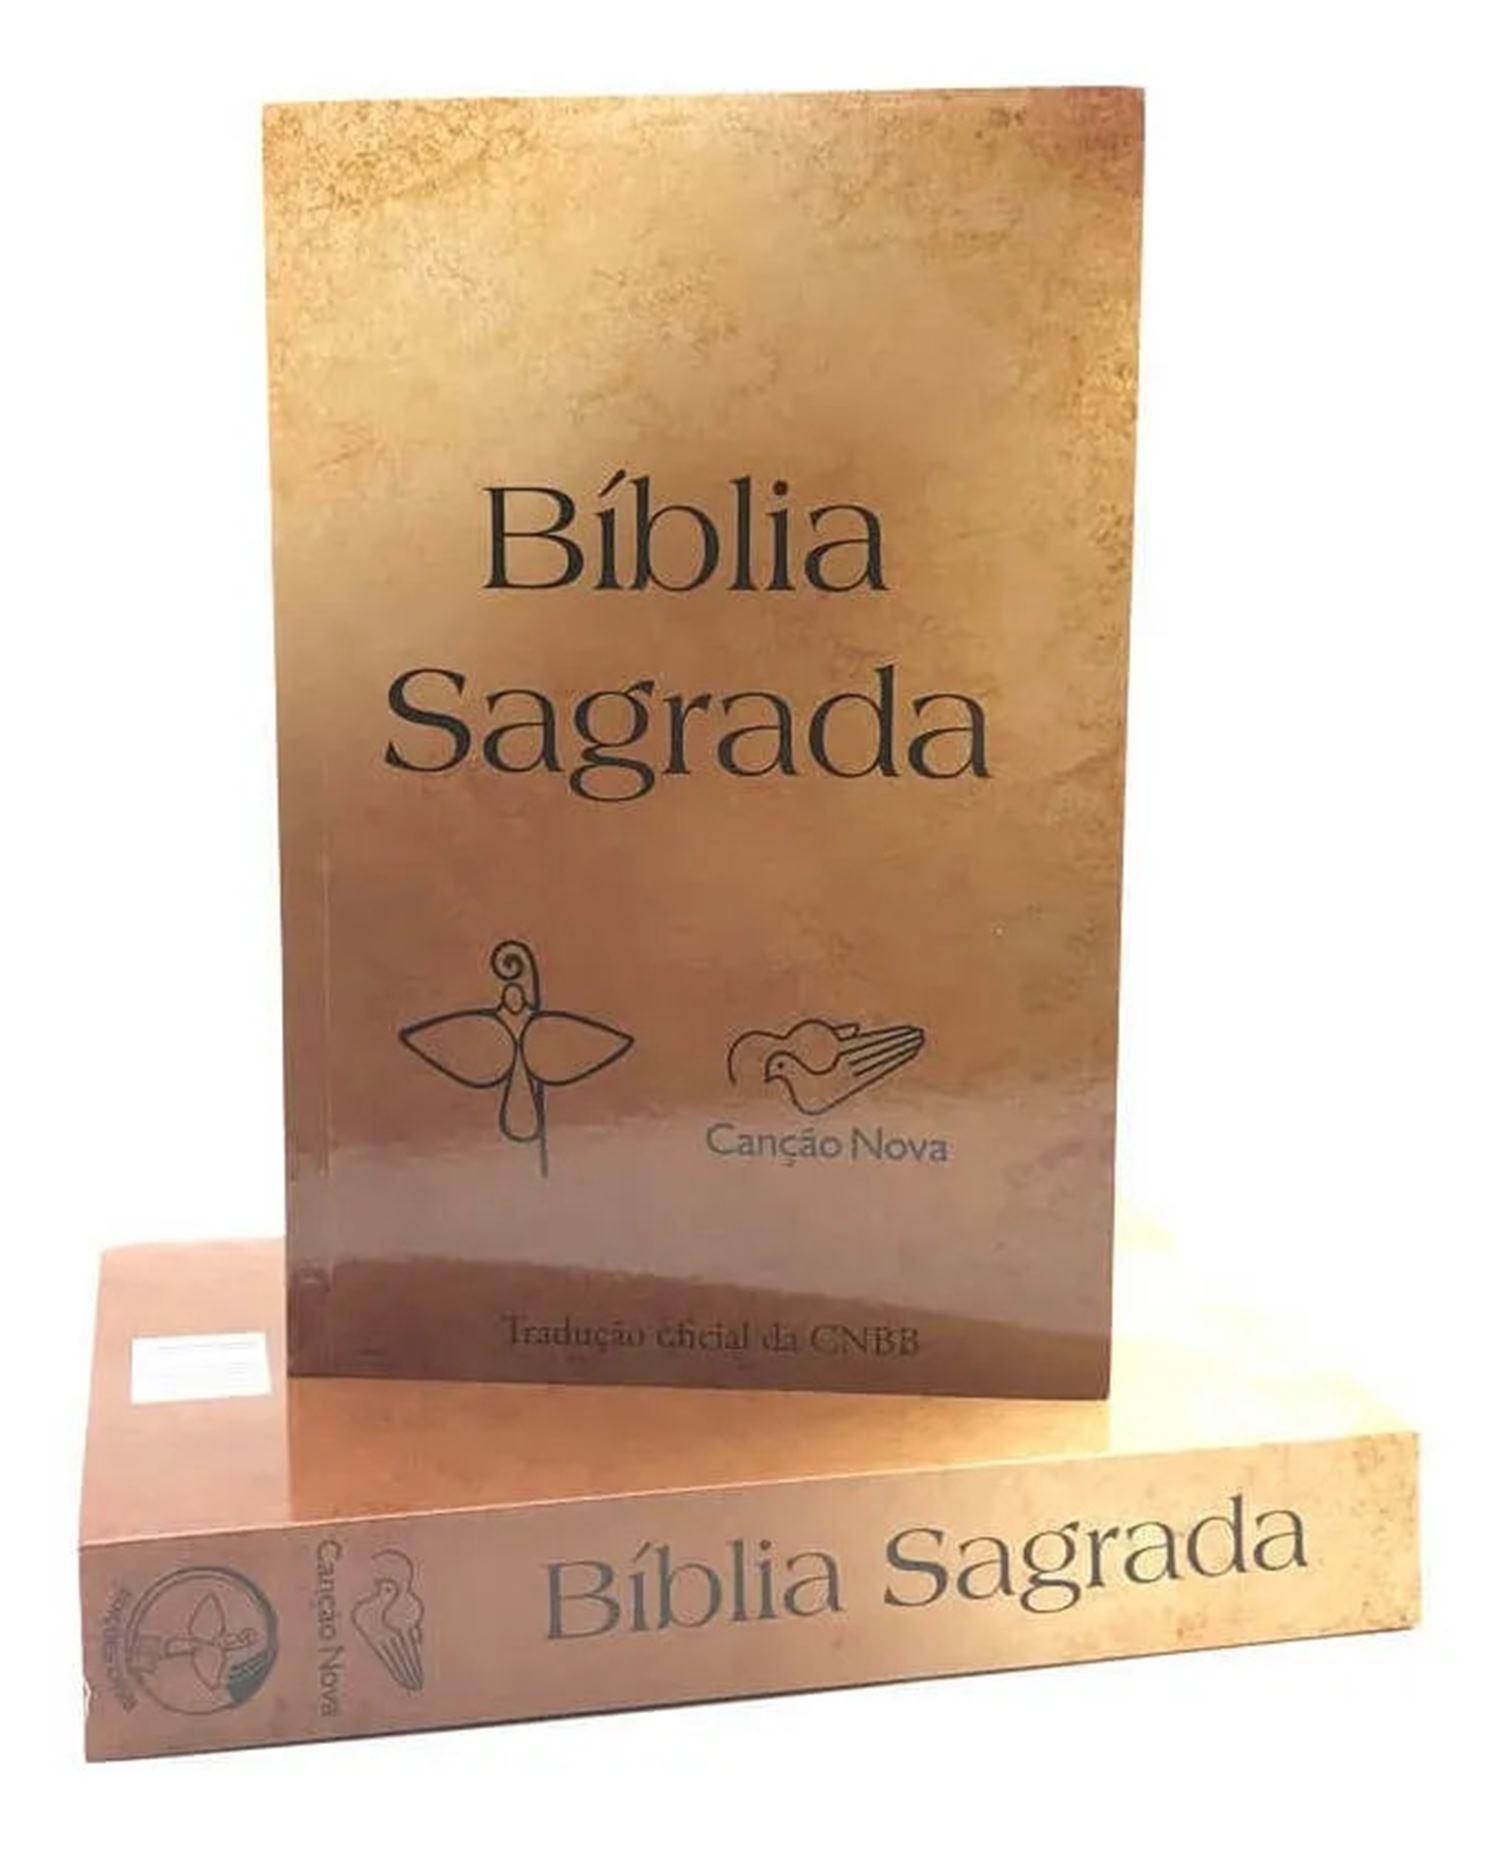 Biblia Sagrada Católica Traducao CNBB Cancao Nova